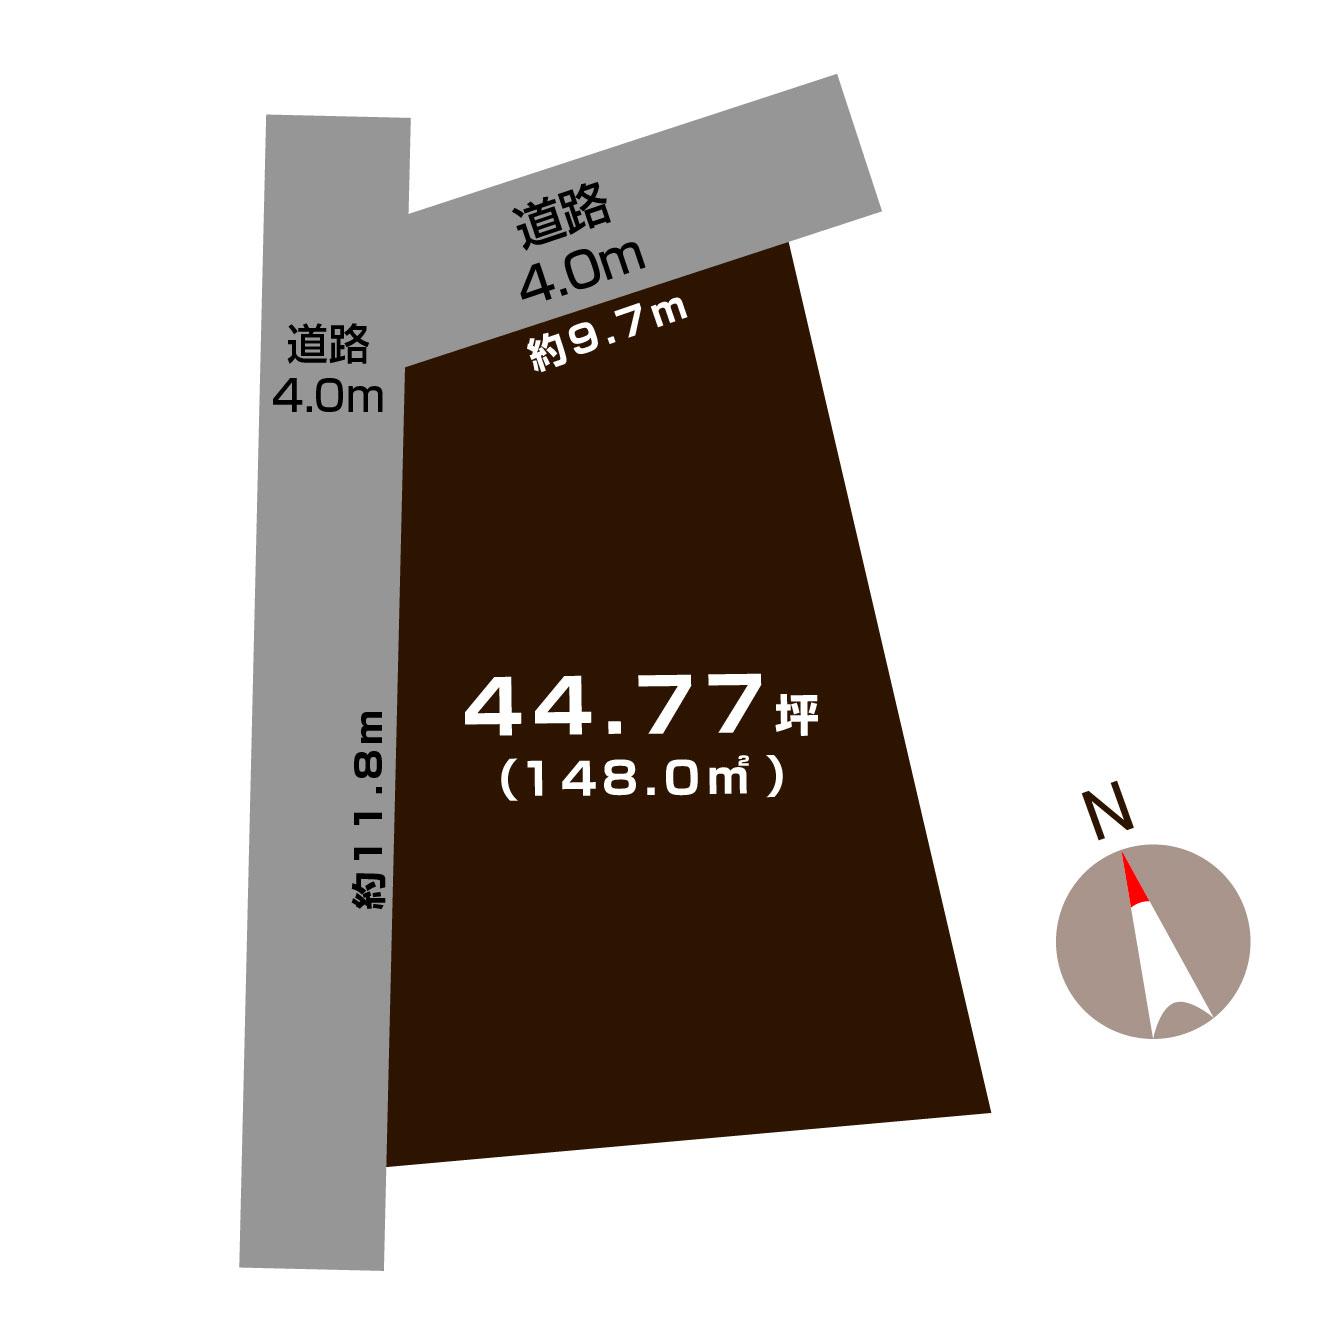 見附市今町の土地の敷地図